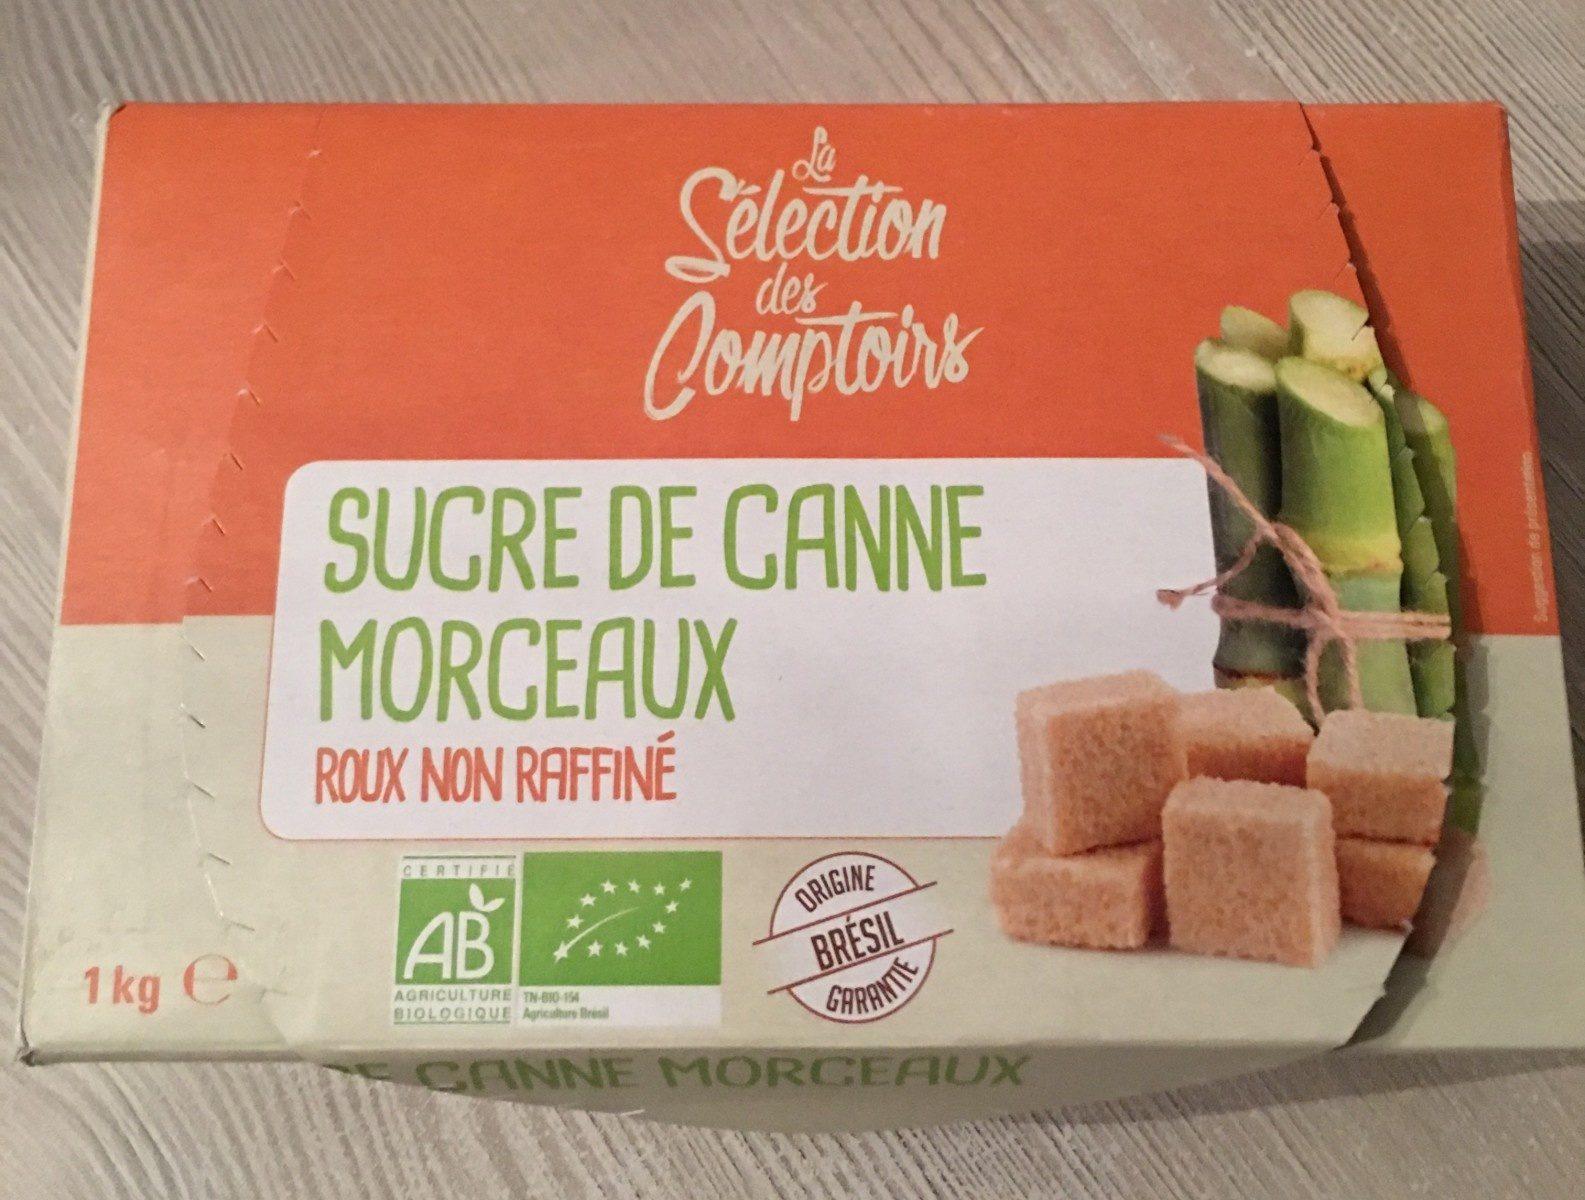 Sucre de canne morceaux - Product